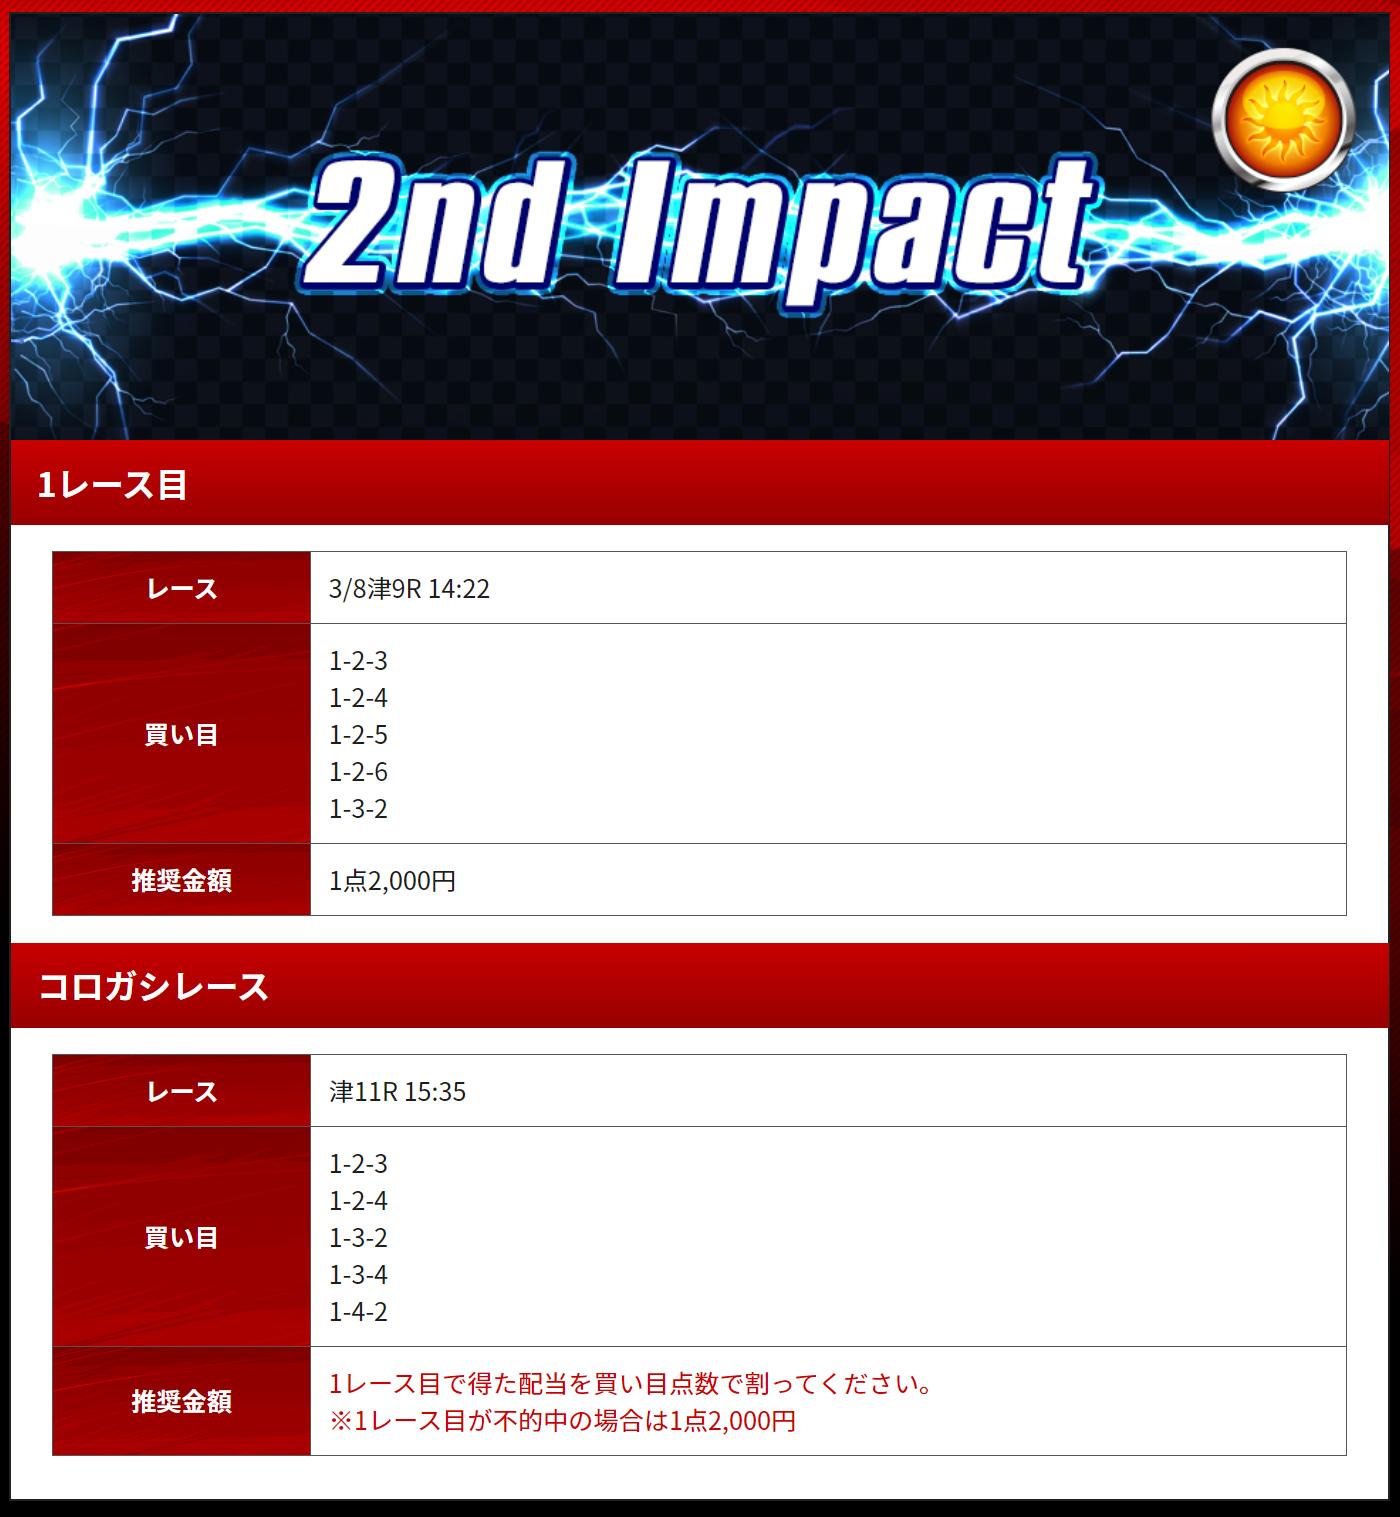 競艇IMPACT(インパクト) 優良競艇予想サイト・悪徳競艇予想サイトの口コミ検証や無料情報の予想結果も公開中 2020年3月8日 有料情報「2nd Impact」デイ買い目